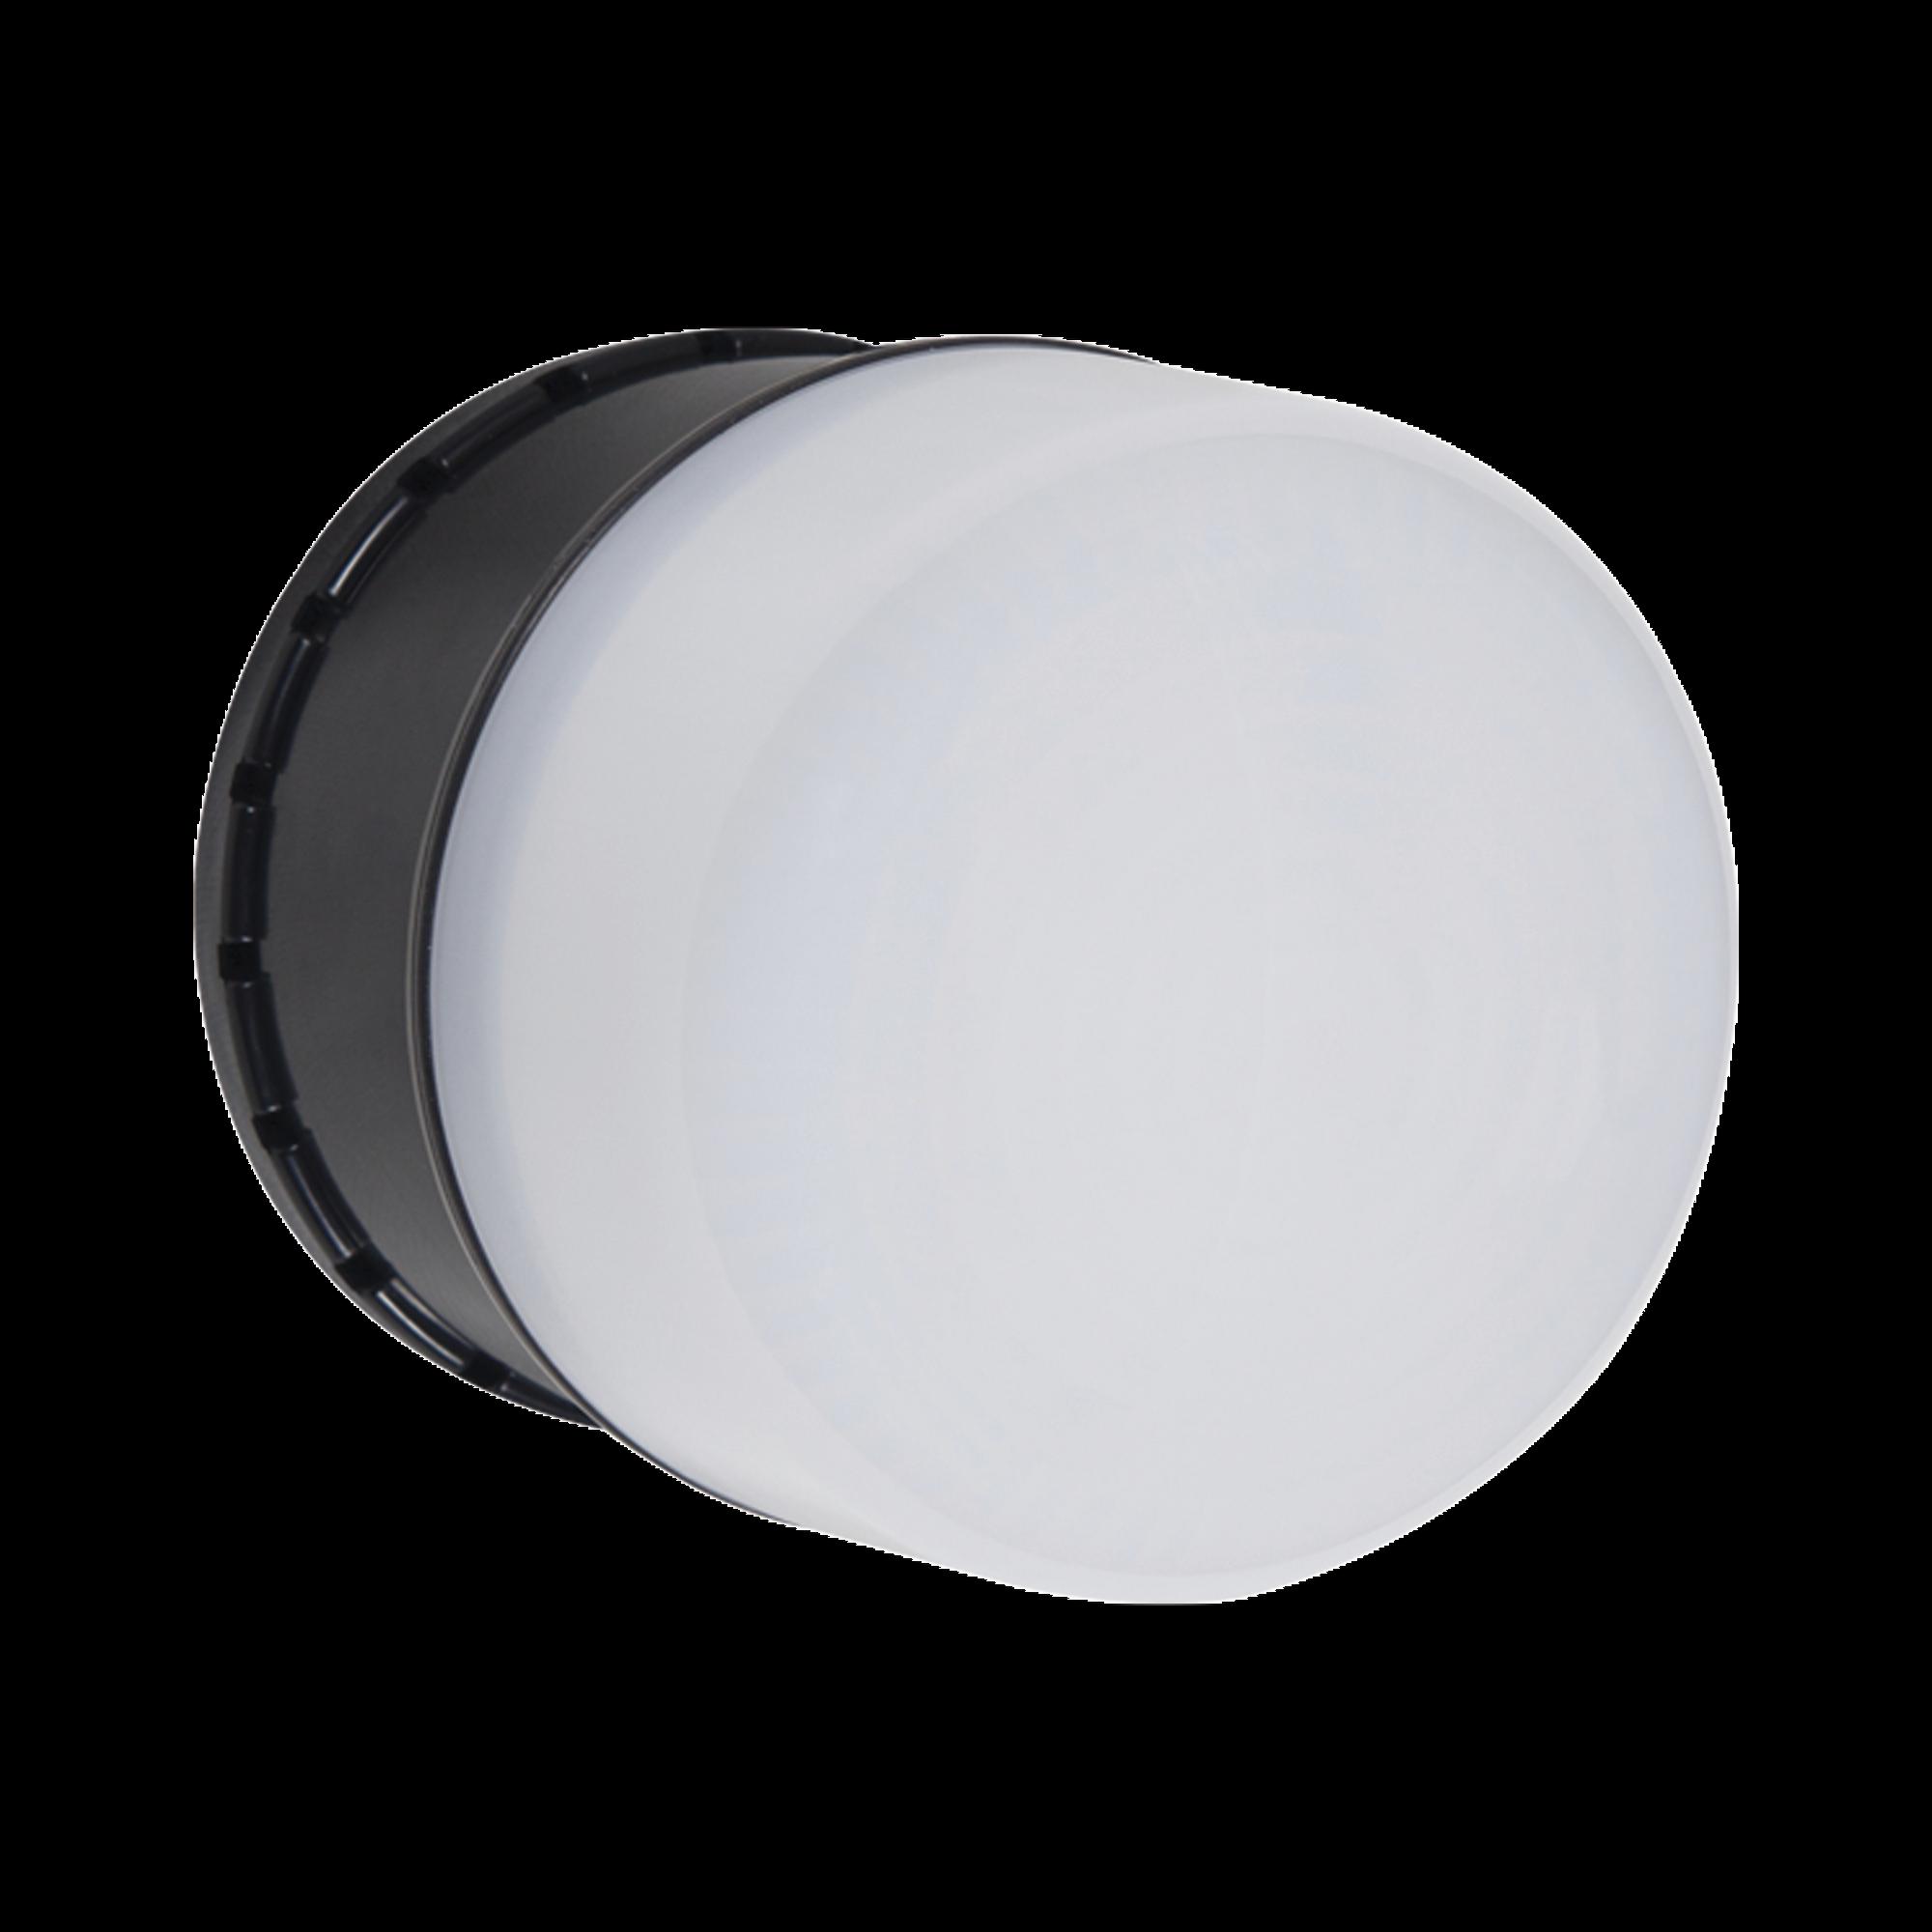 Alarma de Una Zona para Uso en Exterior, Notificación Audible y Visible, Color Blanco